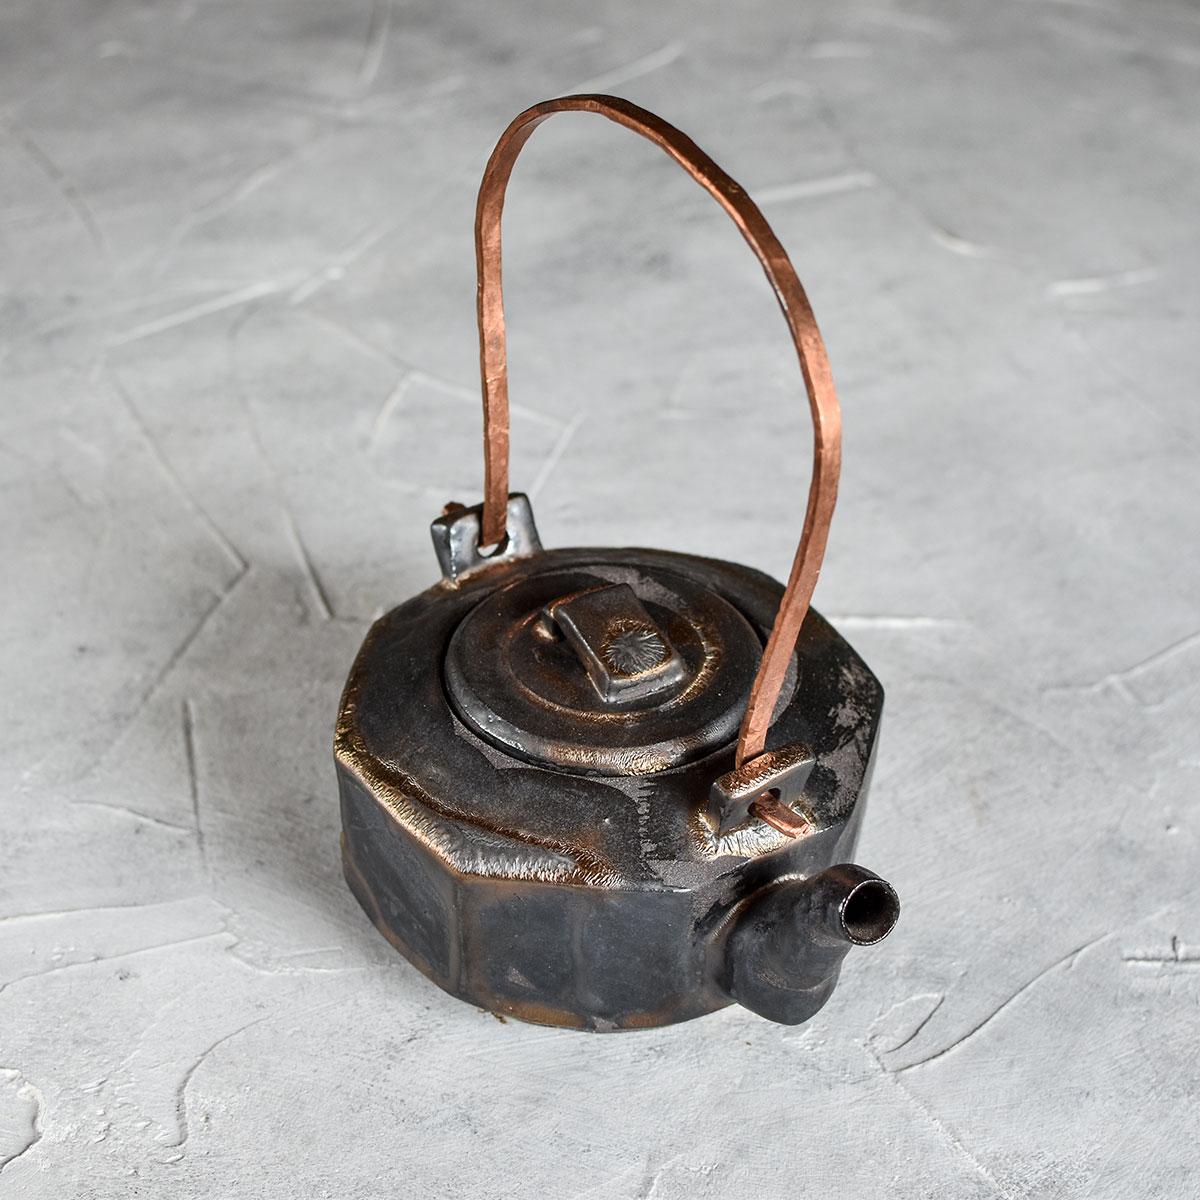 картинка Керамический чайник с металлической ручкой 3 - DishWishes.Ru